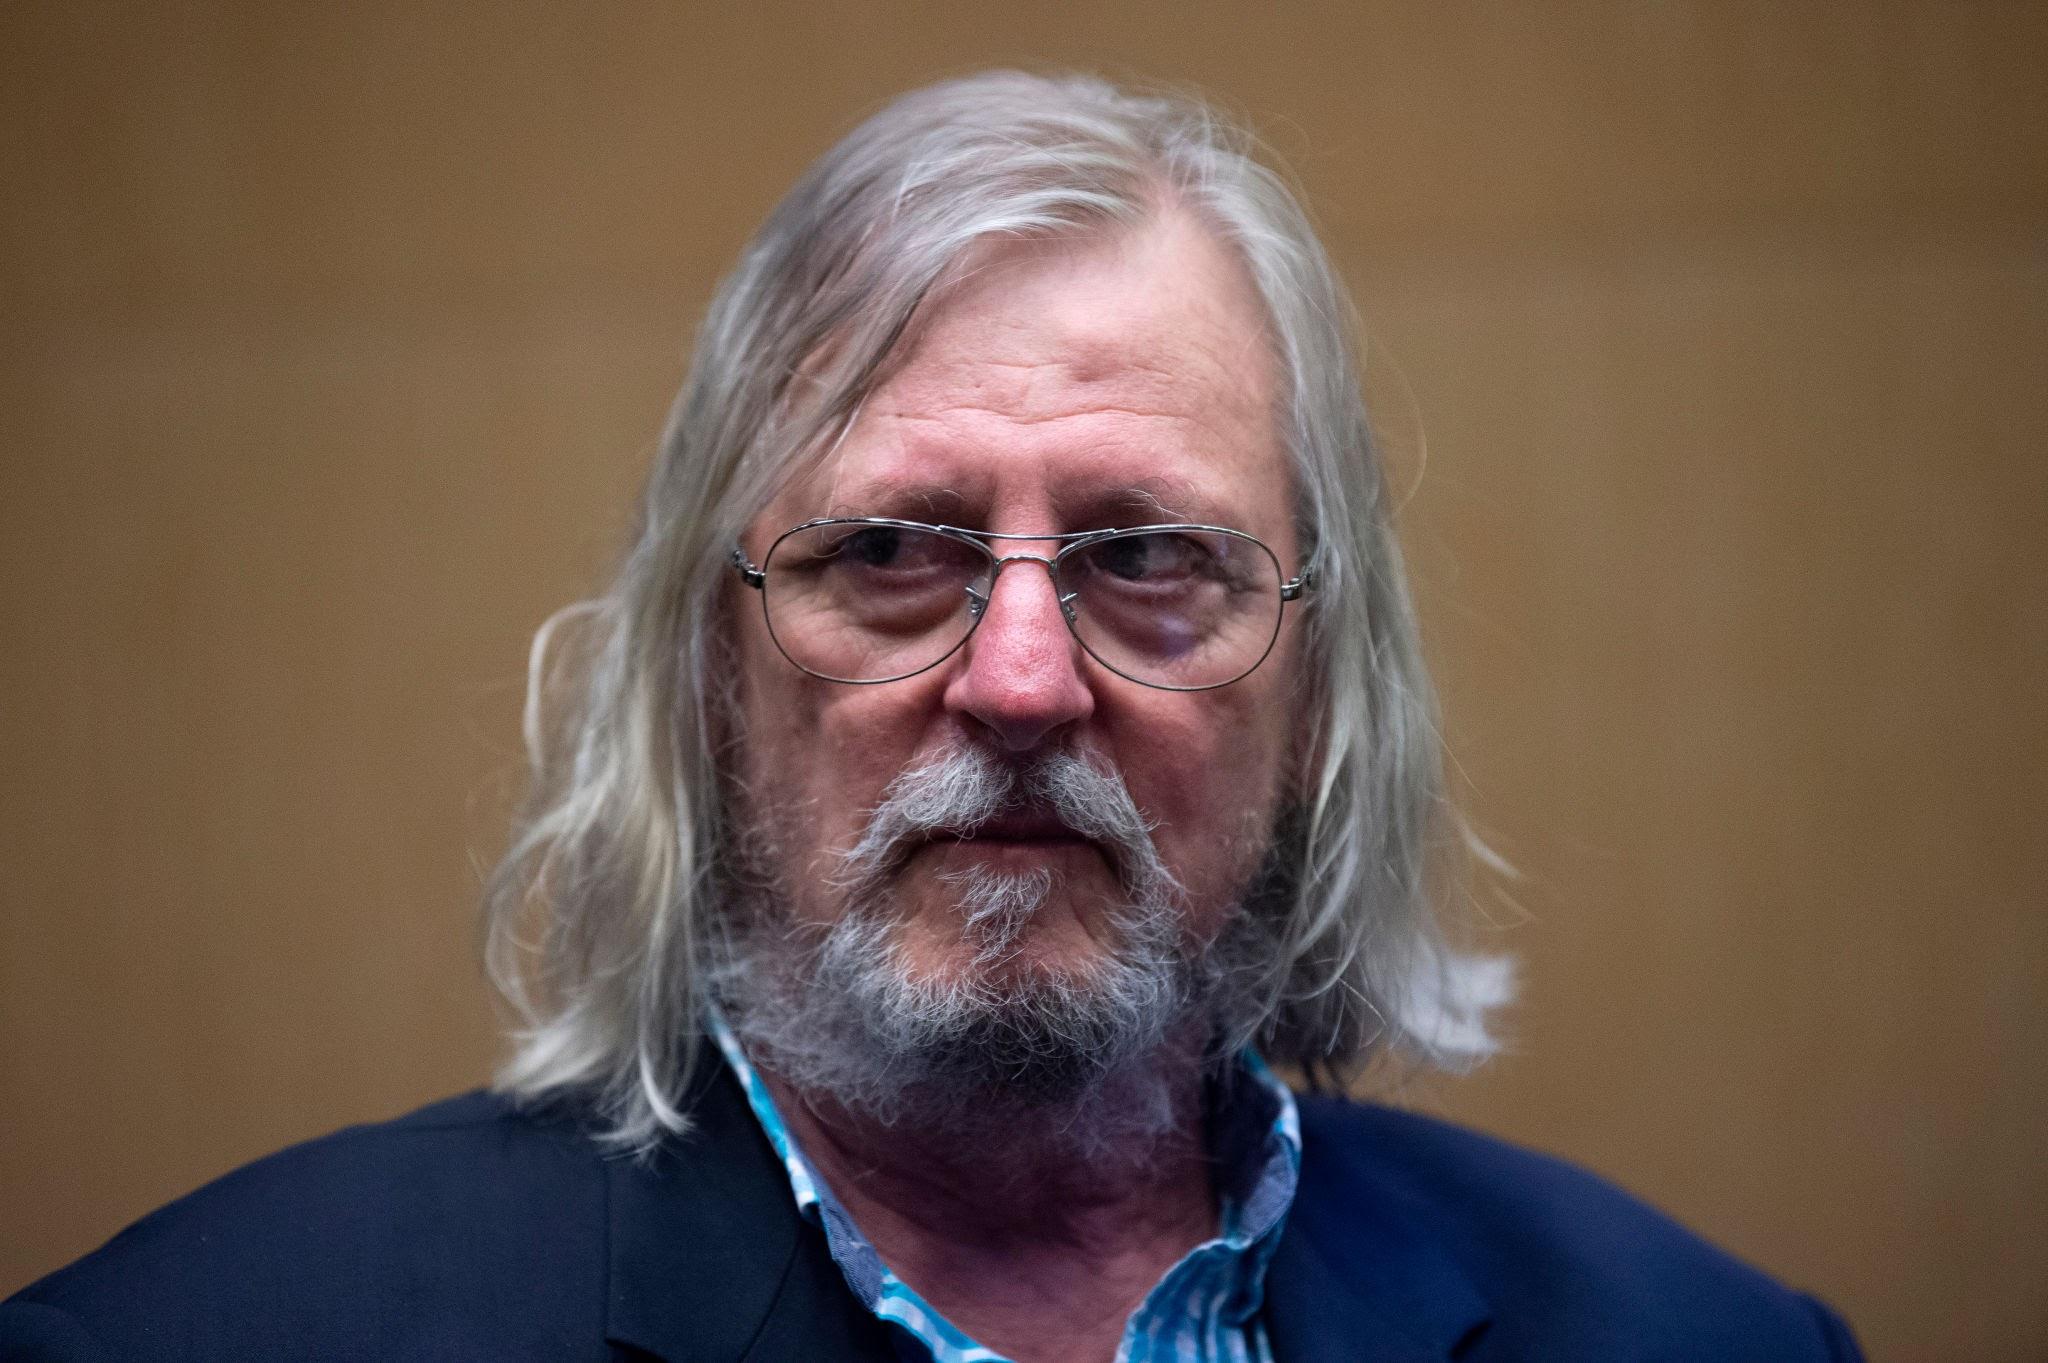 Le professeur Didier Raoult fait objet d'une plainte devant la chambre disciplinaire